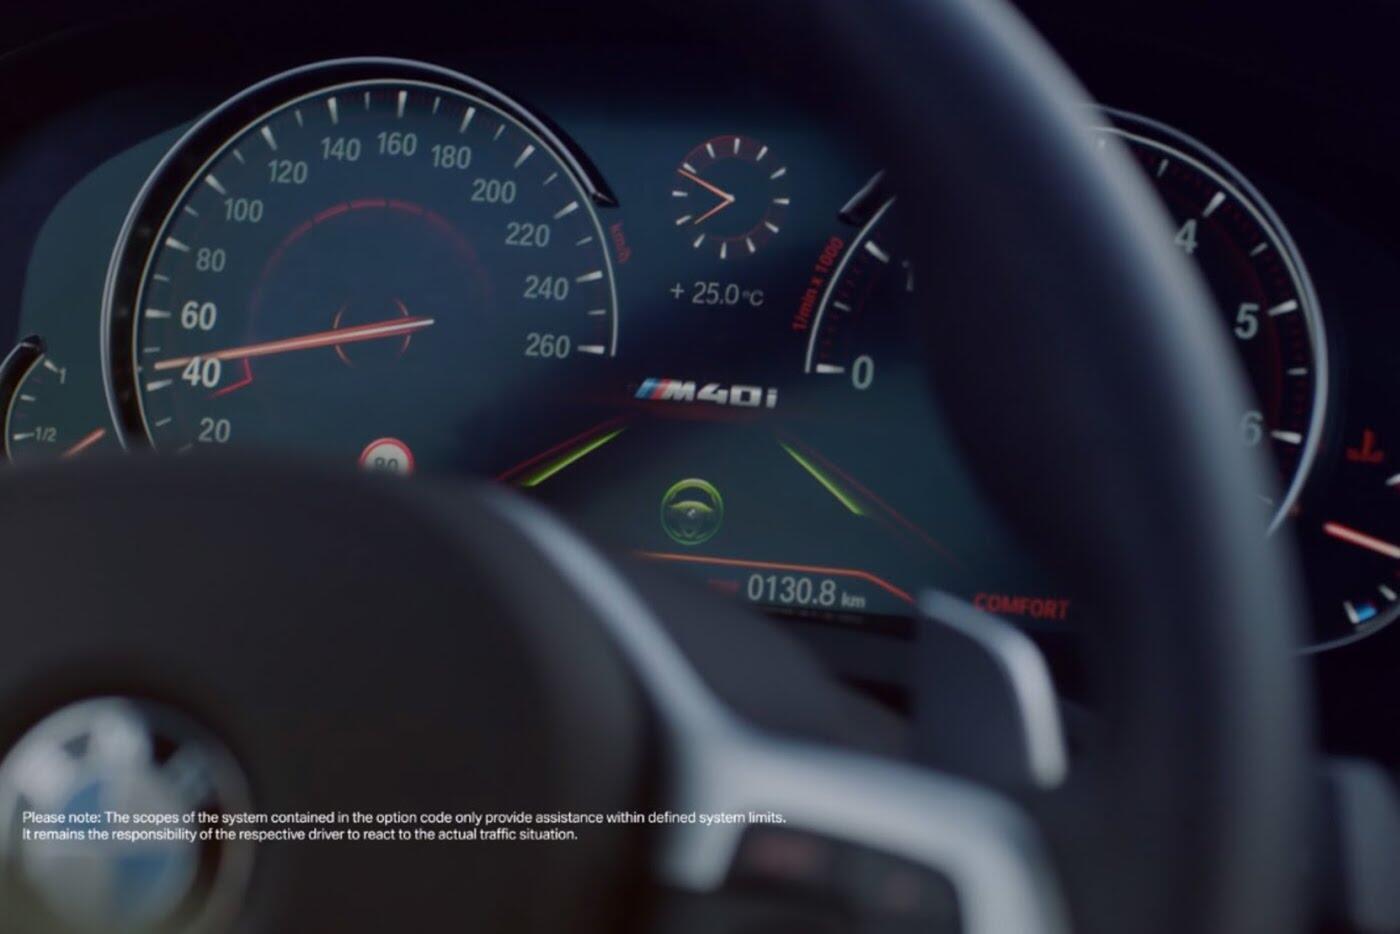 BMW X3 2018 hé lộ những hình ảnh chính thức đầu tiên - Hình 10